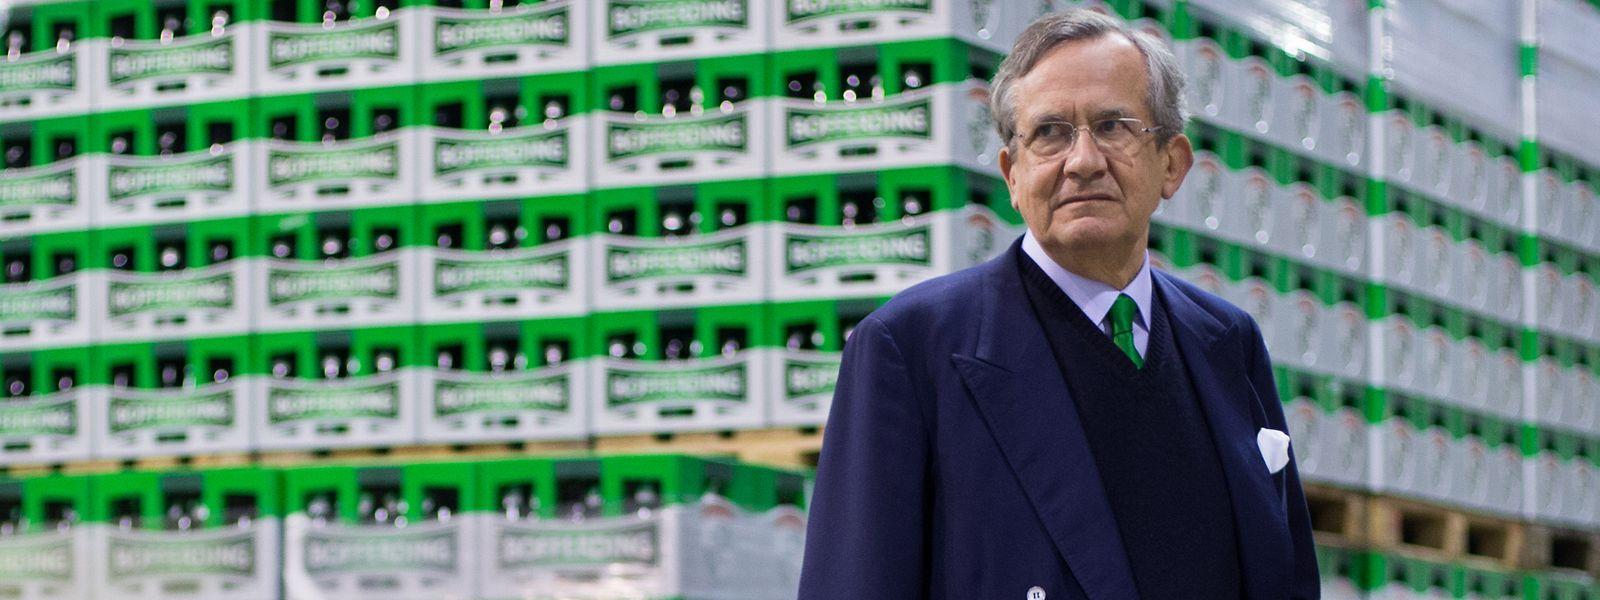 Die Brasserie Nationale mit Familienoberhaupt Georges Lentz hatte eines der schwersten Jahre in der Unternehmensgeschichte.